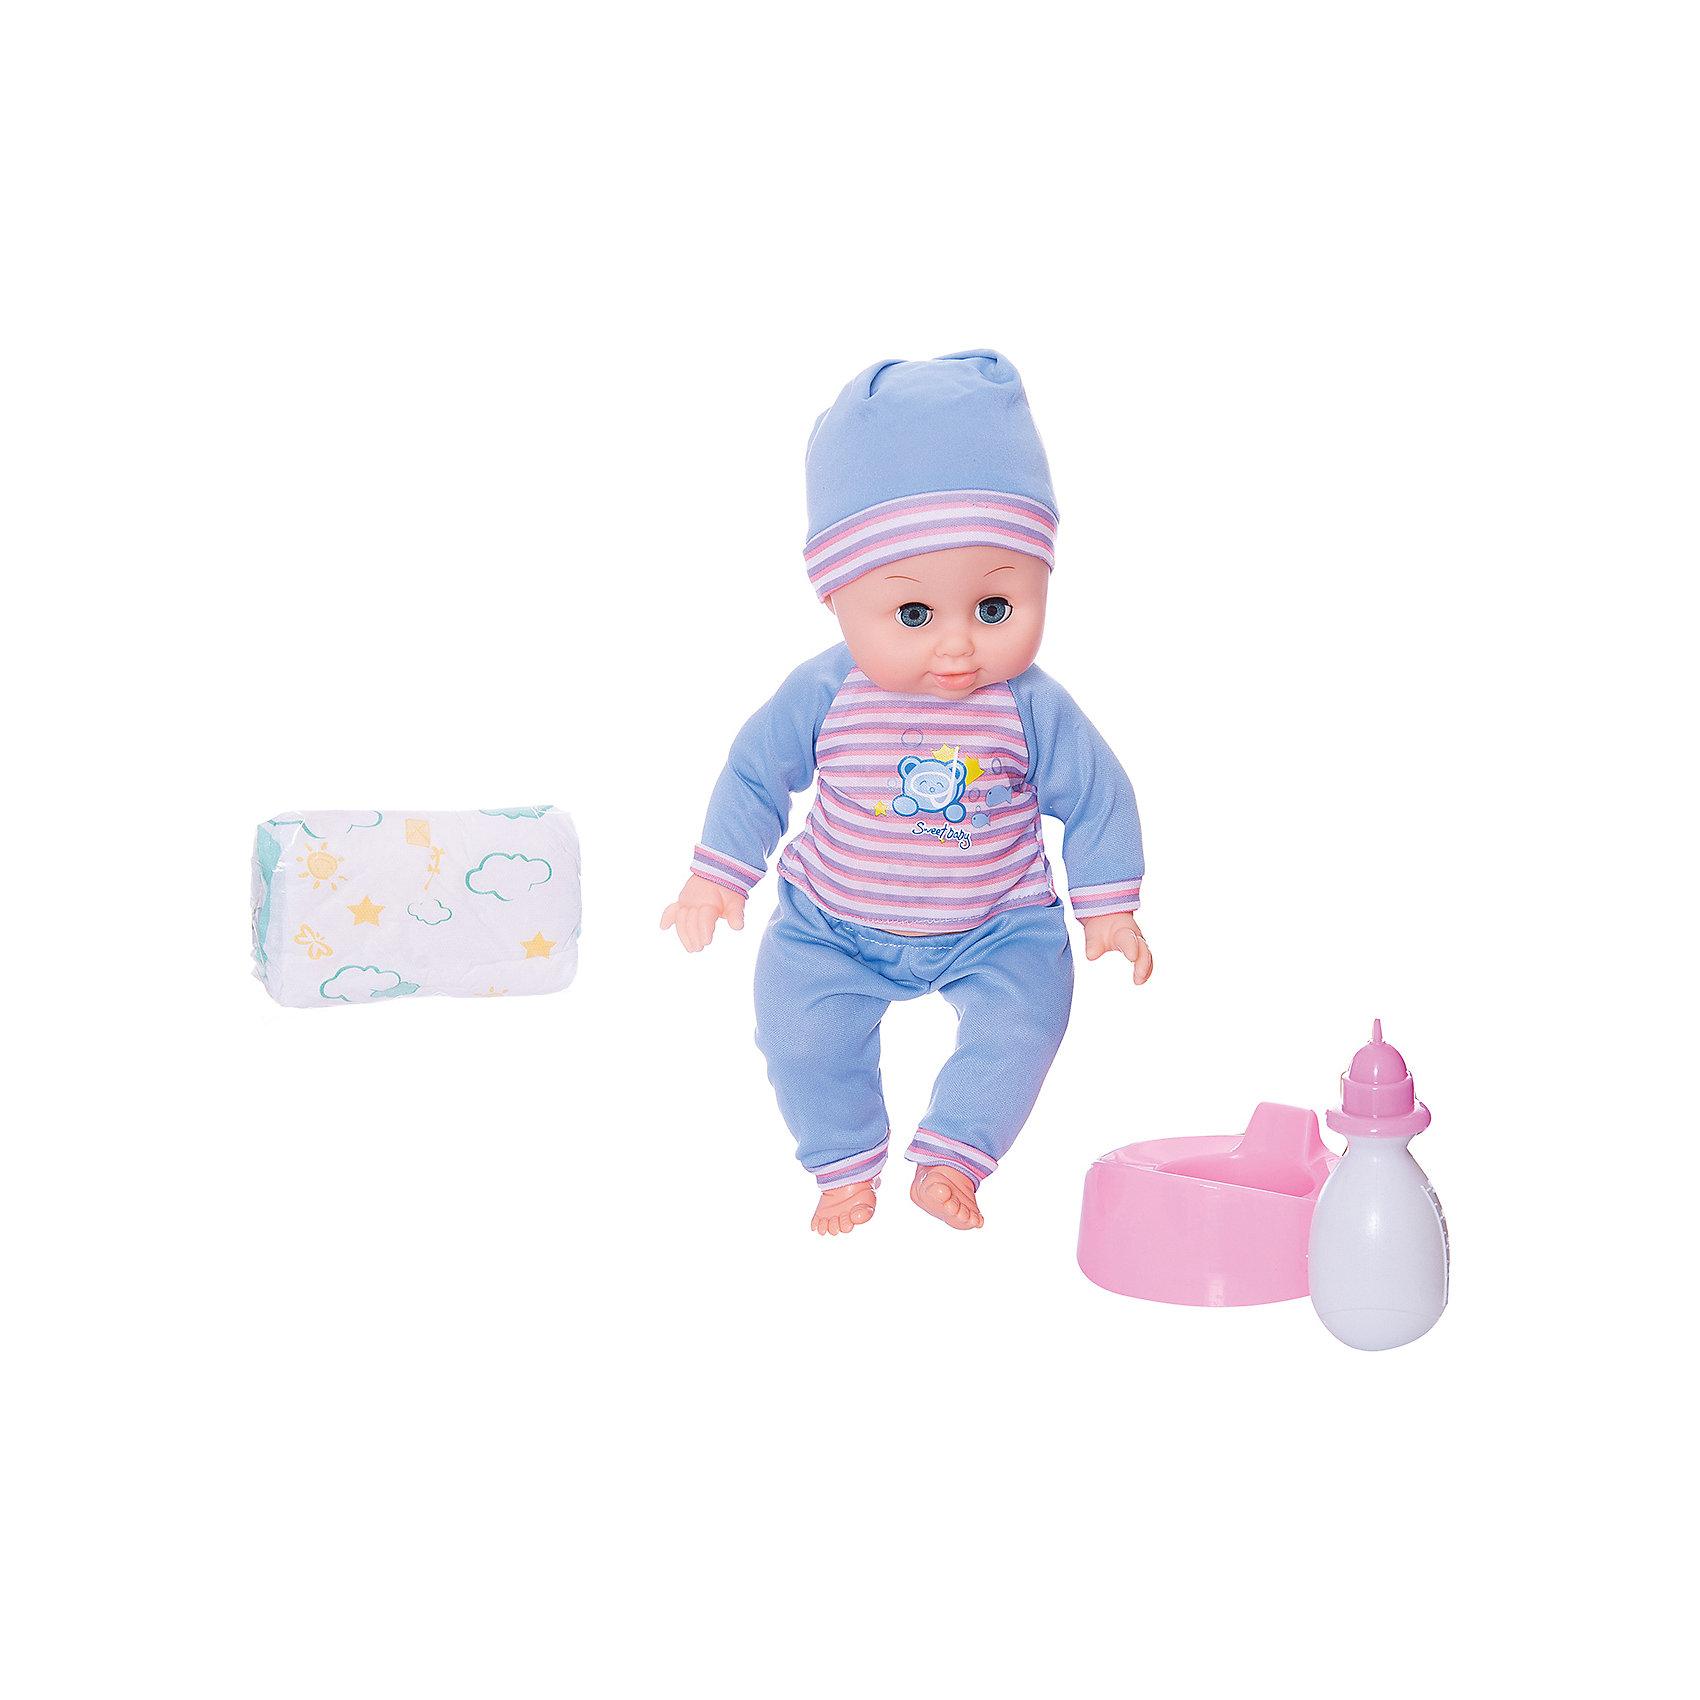 Функциональный пупс 36 см с аксессуарами, Shantou GepaiИнтерактивные куклы<br>Функциональный пупс 36 см с аксессуарами, Shantou Gepai - эта интересная кукла выглядит как настоящий малыш! Более того, в комплекте у этого пупса имеется все необходимые аксессуары по уходу. Малыш одет в зеленые штанишки и полосатую кофточку, на голове стильная шапочка в тон, такой малыш придет по вкусу каждой девочке. Если куклу положить, то глазки автоматически закроются. Нейтральное выражения лица пупса поможет ребенку придумать множество своих сценариев и чувств куклы, закладывая фундамент социальных навыков и социального развития. Играя с куклами дети познают человека, как с физиологической, так и с стороны общения между людьми, развивается моторика рук, внимание, воображение, такие игры положительно влияют на психологическое развитие. <br><br>Дополнительная информация:<br><br>- В комплект входит: 1 кукла в одежде, бутылочка, горшок, подгузник<br>- Материал: ПВХ, текстиль, пластик <br>- Размер куклы: 36 см<br><br>Функционального пупса 36 см с аксессуарами, Shantou Gepai можно купить в нашем интернет-магазине.<br><br>Подробнее:<br>• Для детей в возрасте: от 3 до 10 лет<br>• Номер товара: 4925557<br>Страна производитель: Китай<br><br>Ширина мм: 300<br>Глубина мм: 120<br>Высота мм: 330<br>Вес г: 2500<br>Возраст от месяцев: 36<br>Возраст до месяцев: 120<br>Пол: Женский<br>Возраст: Детский<br>SKU: 4925557